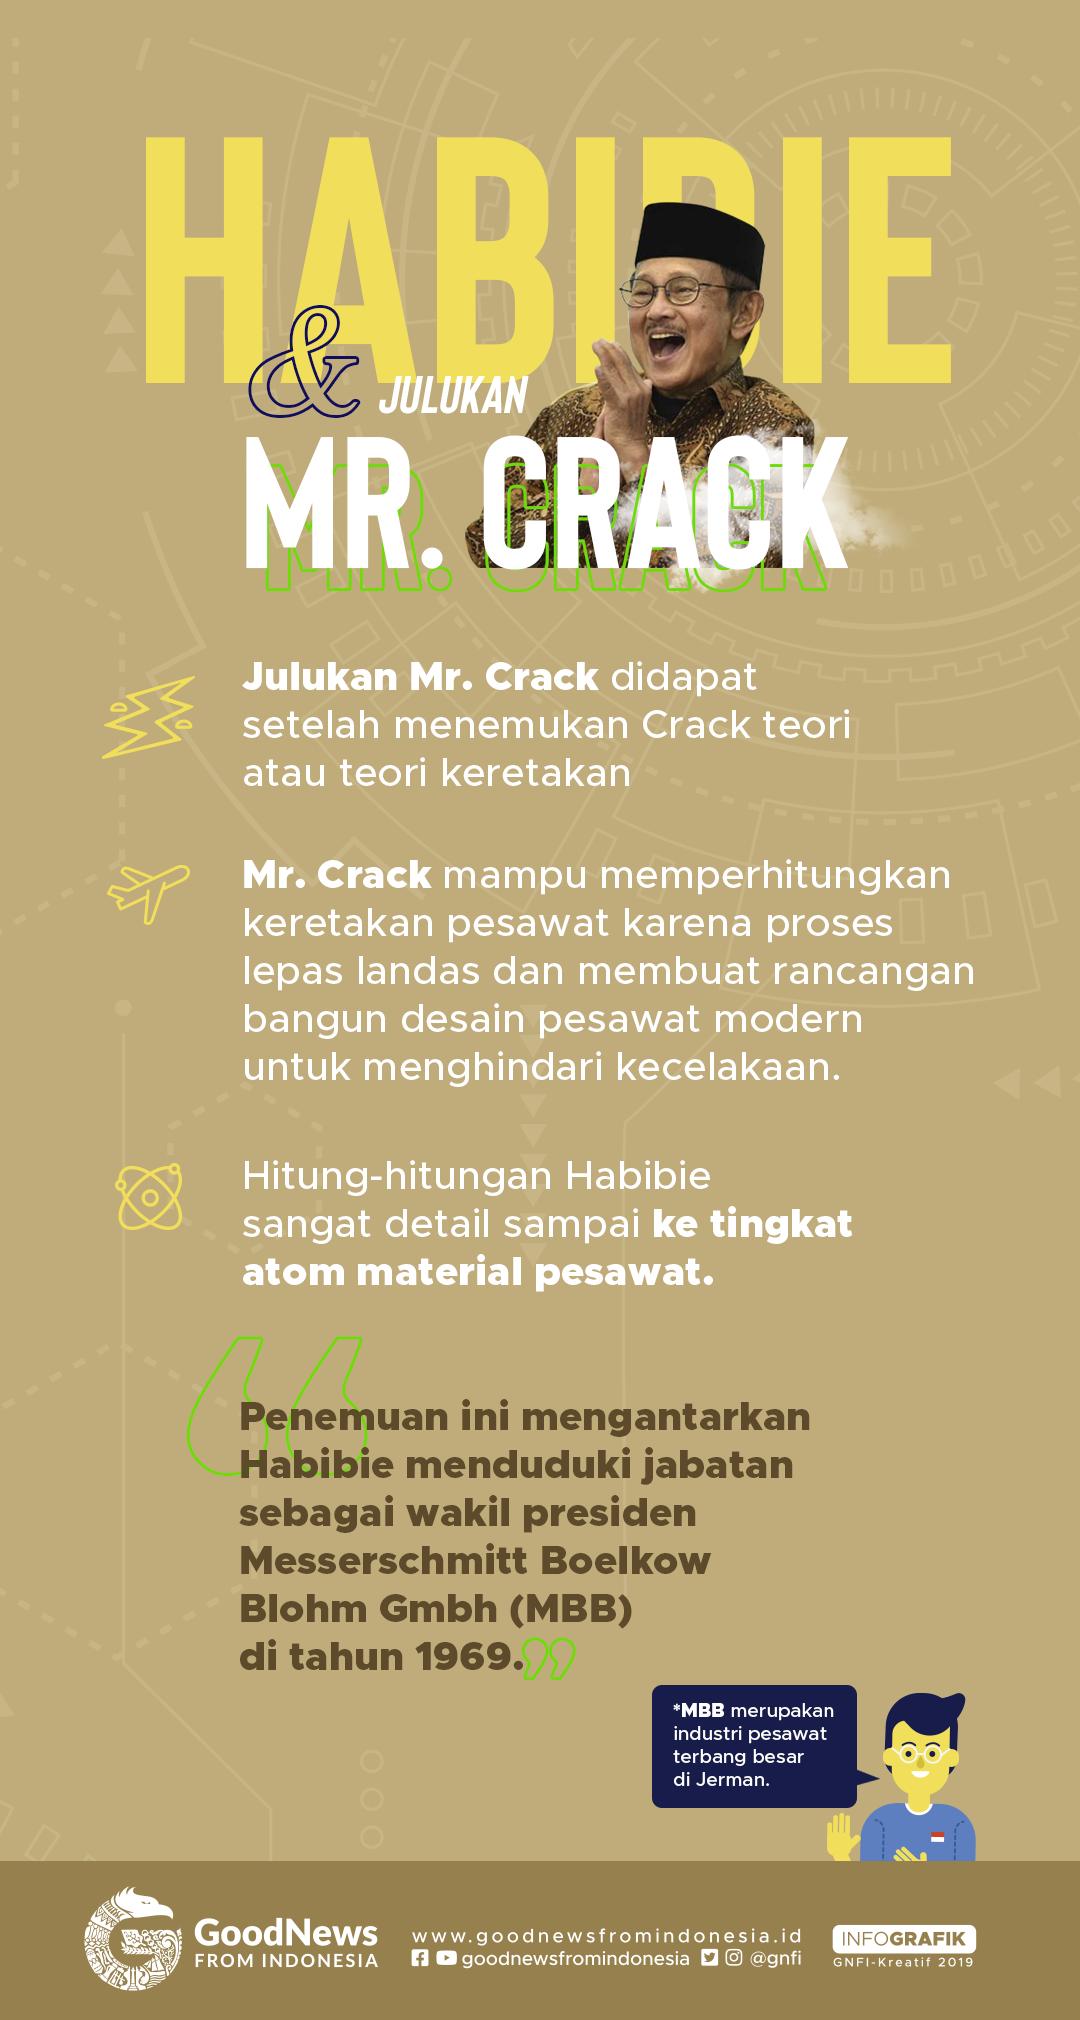 Mr. Crack